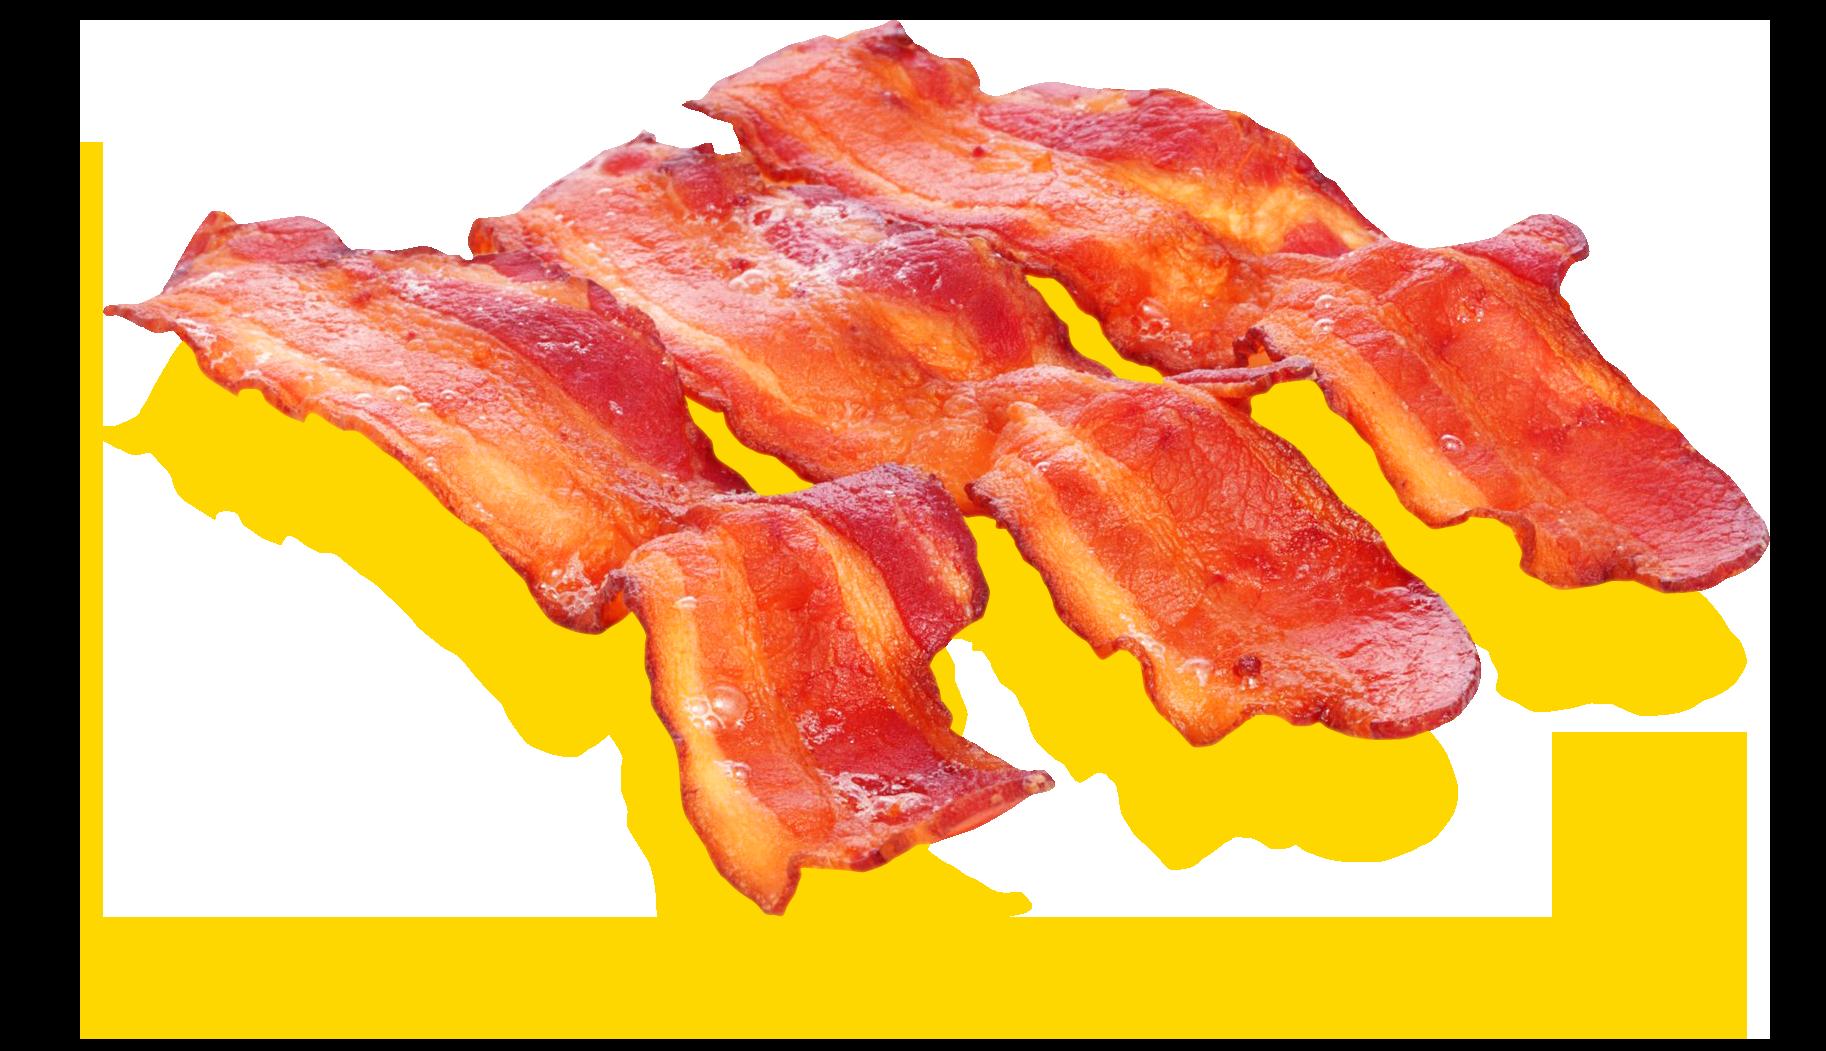 silver-lining-diner-bacon.jpg